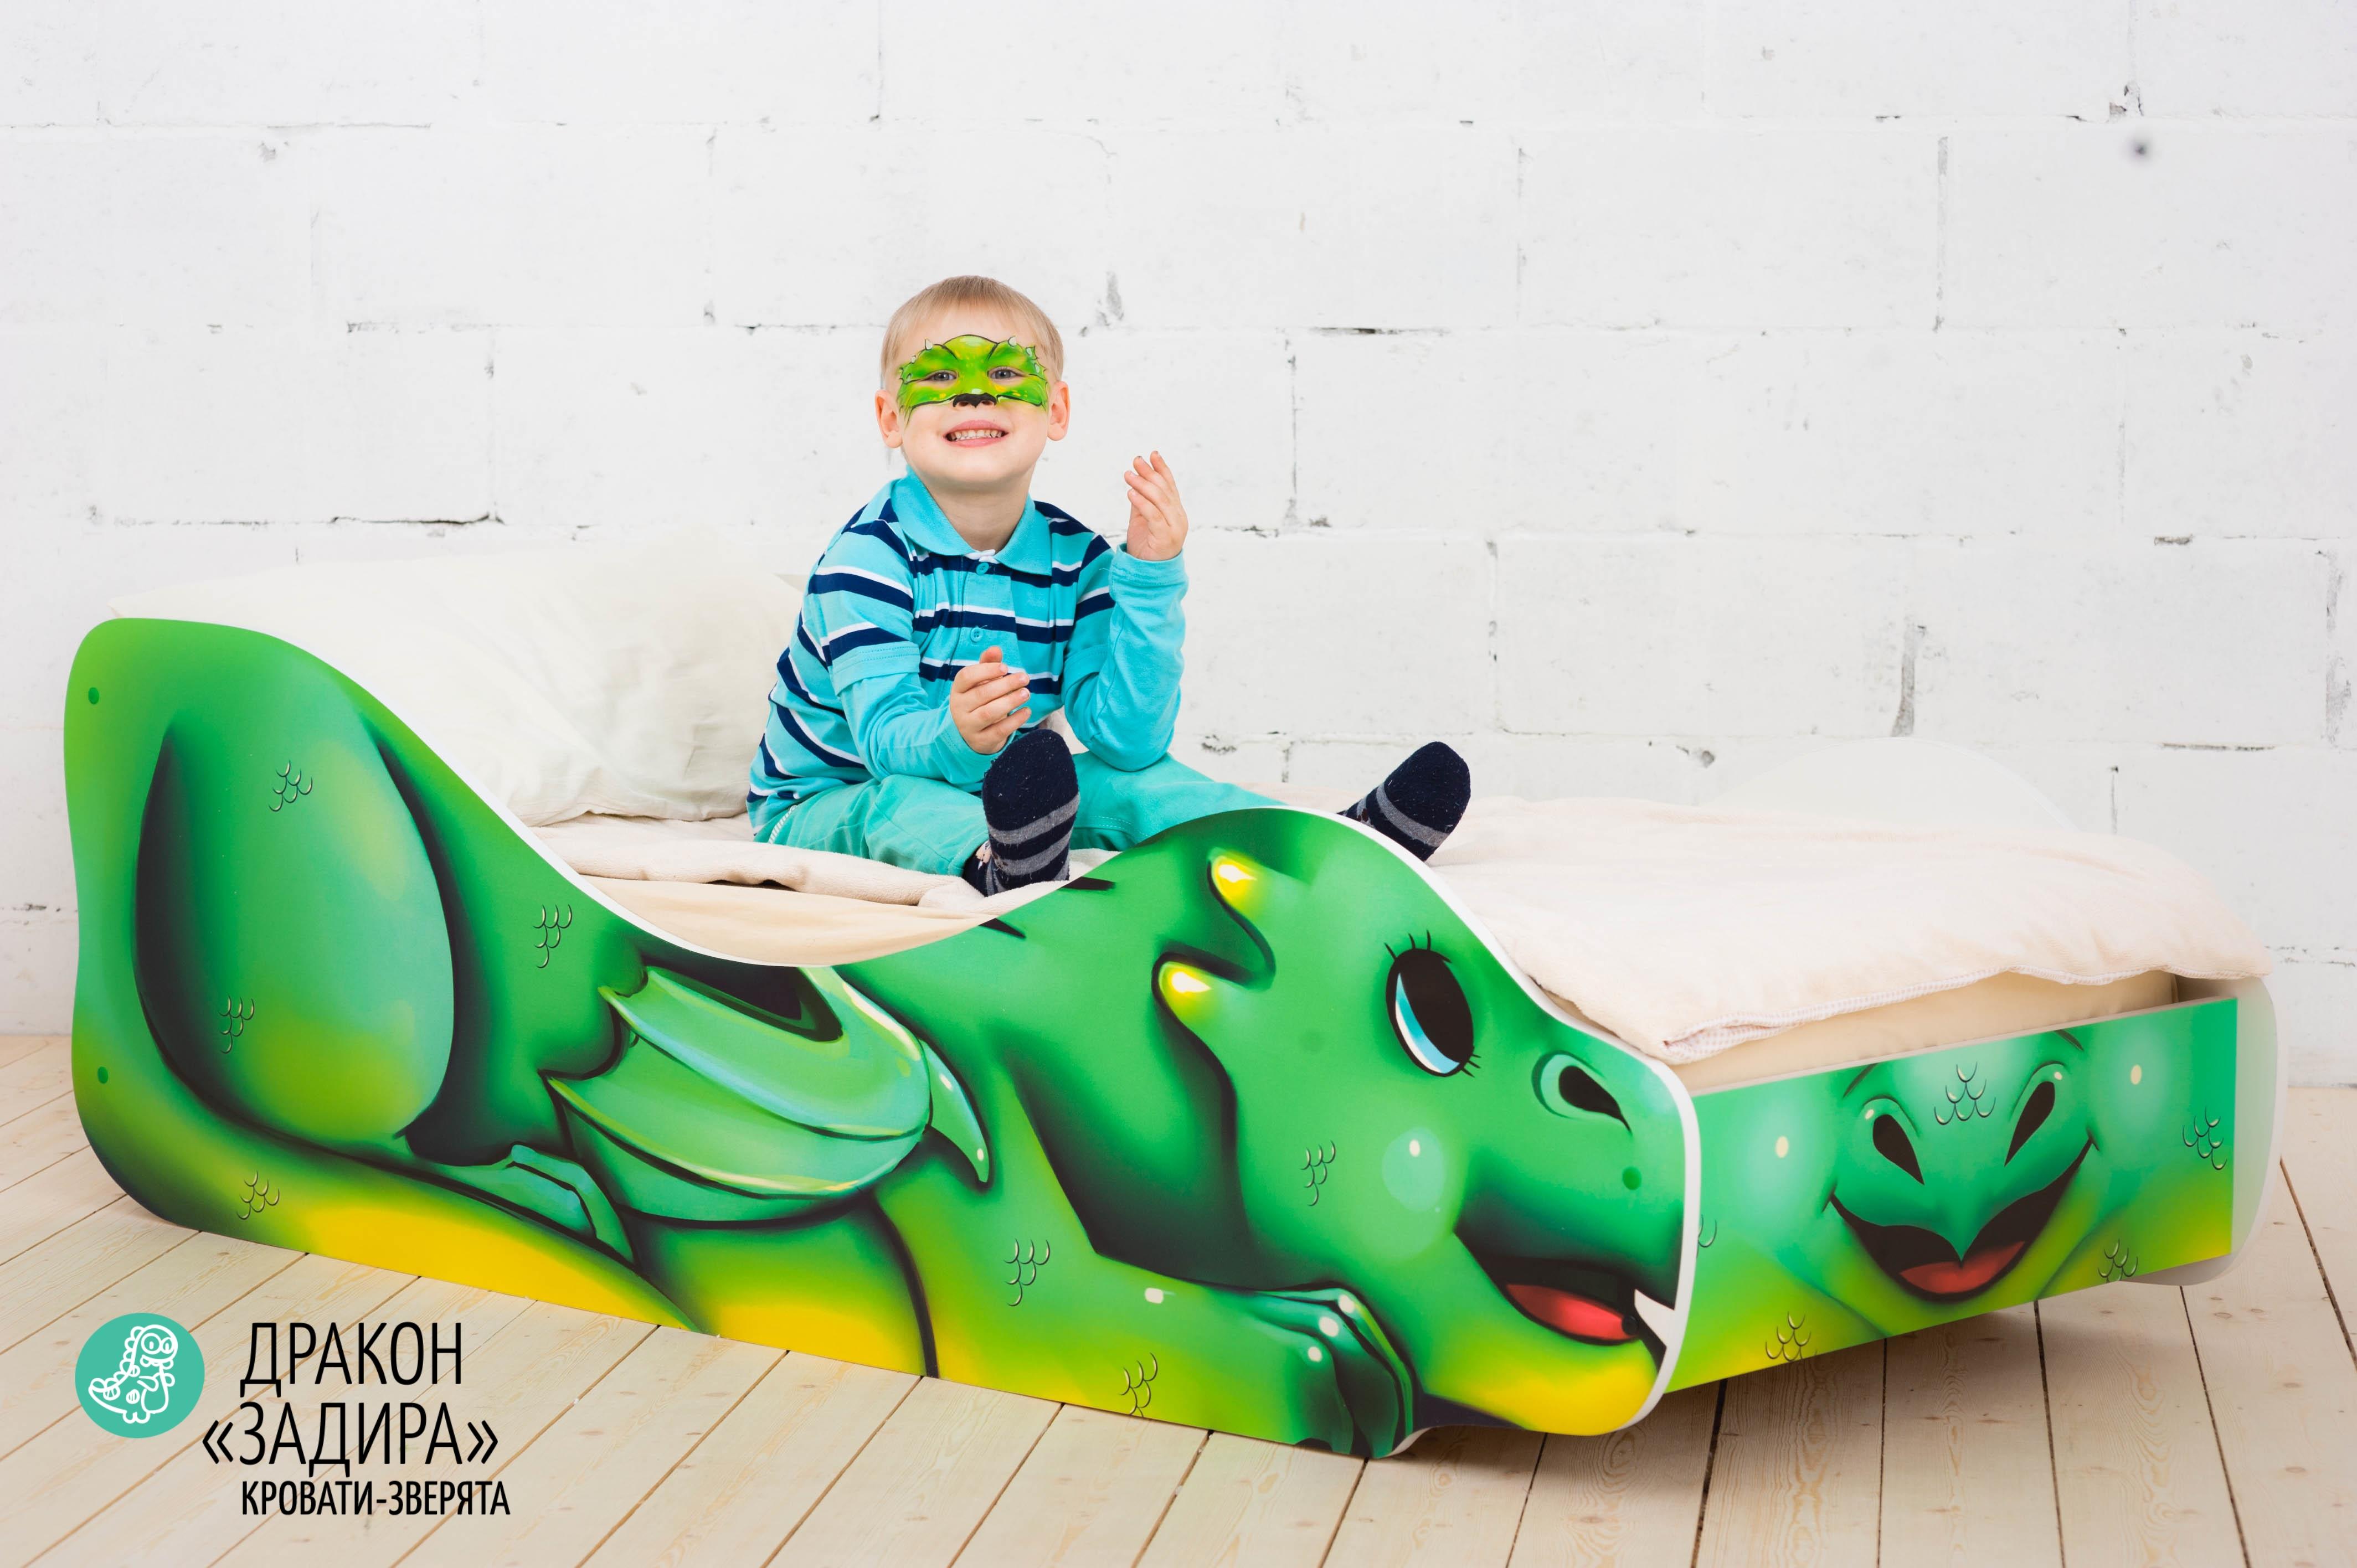 Детская кровать-зверенок -Дракон-Задира-12